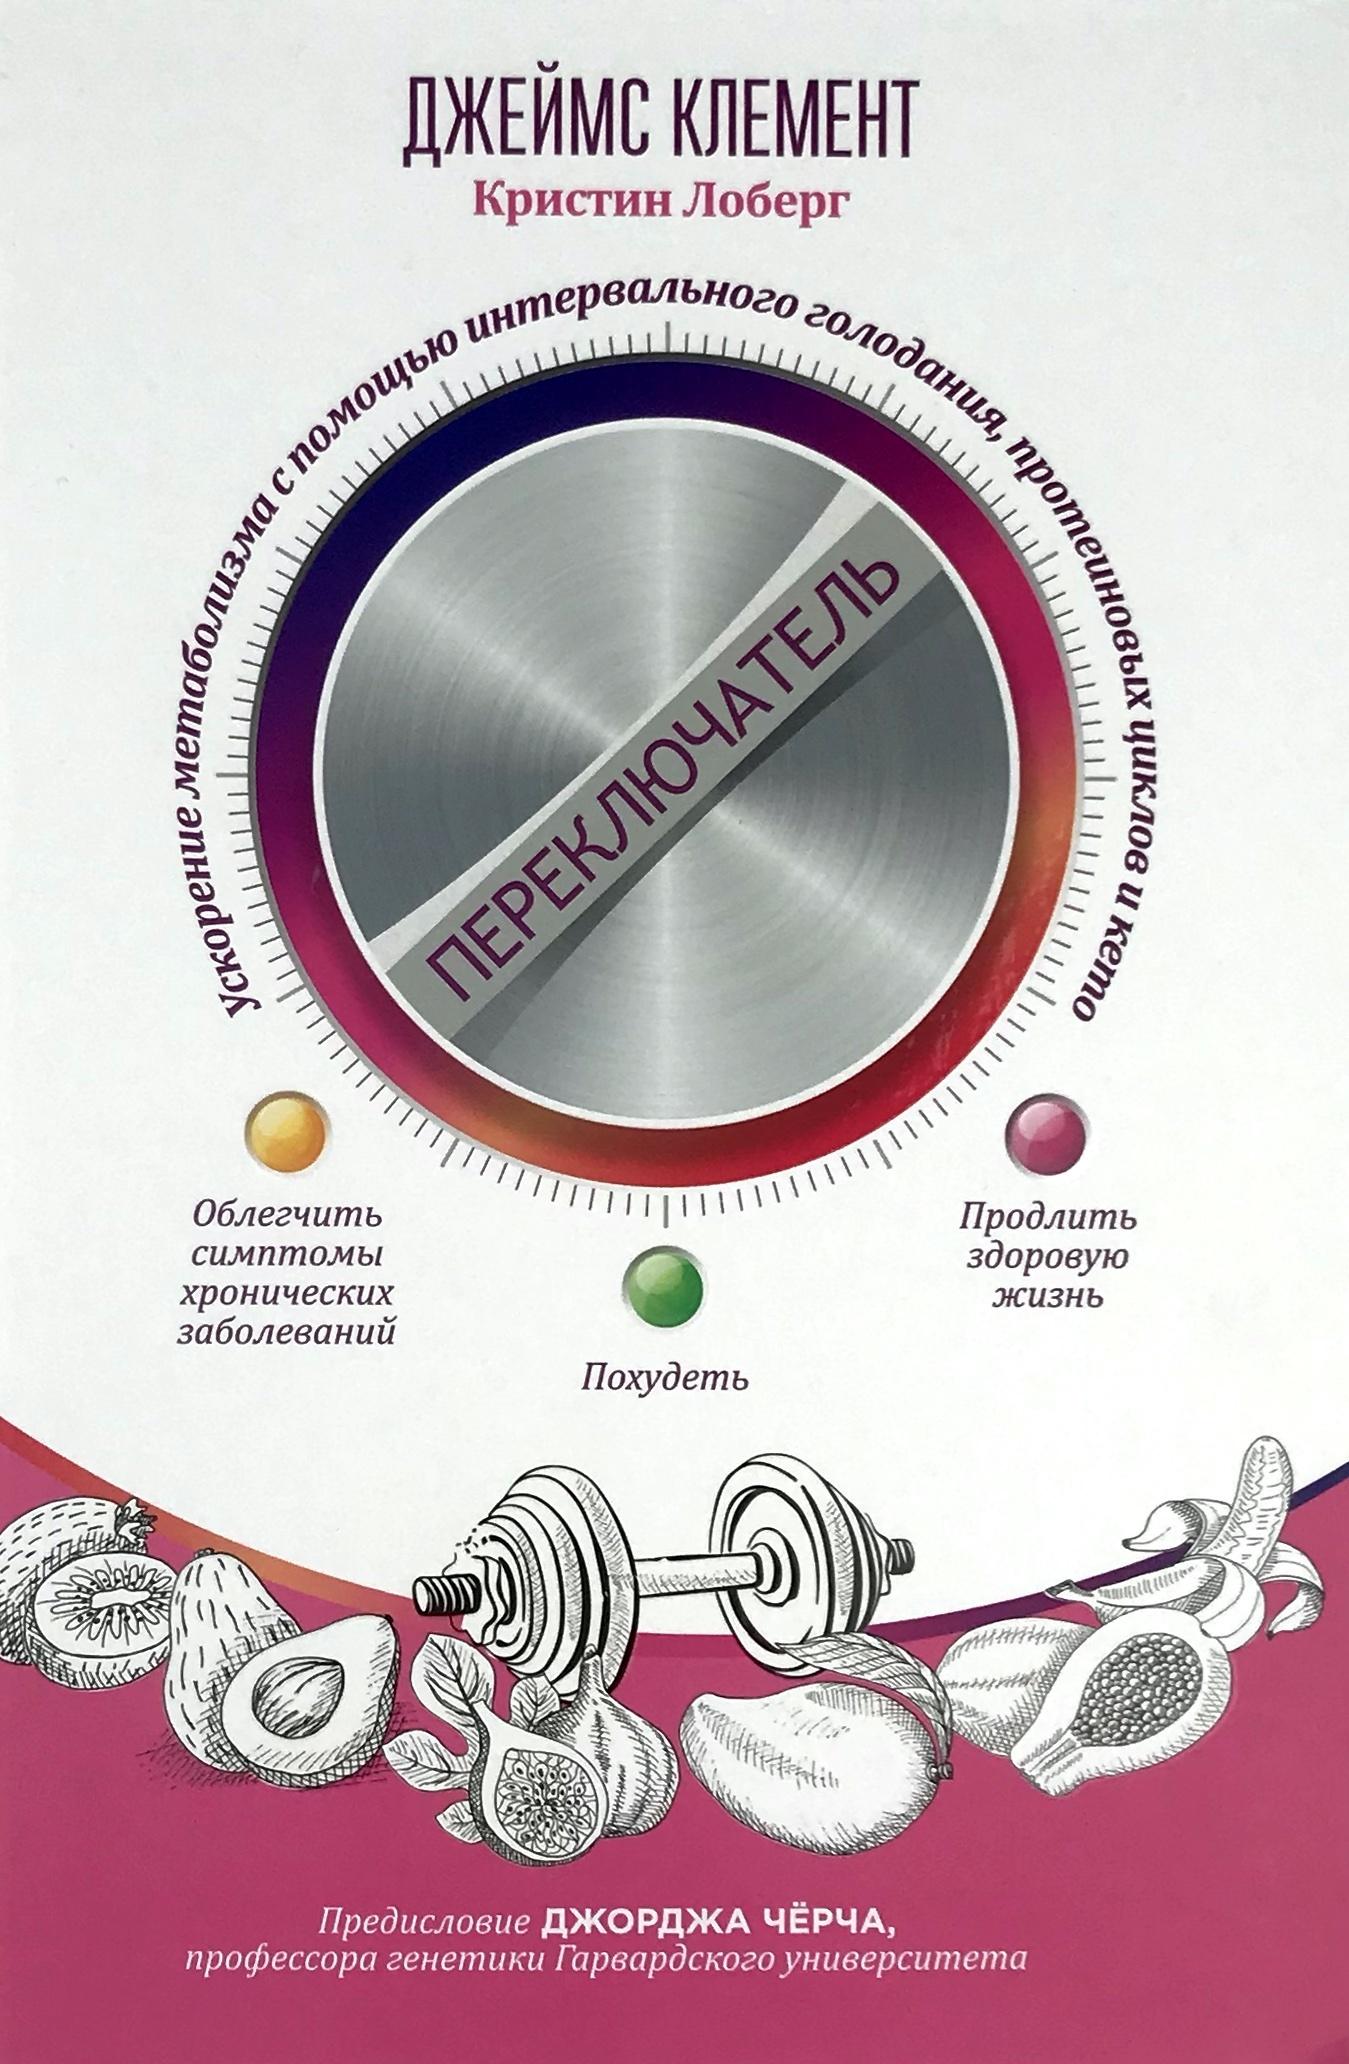 Переключатель. Ускорение метаболизма с помощью интервального голодания, протеиновых циклов и кето